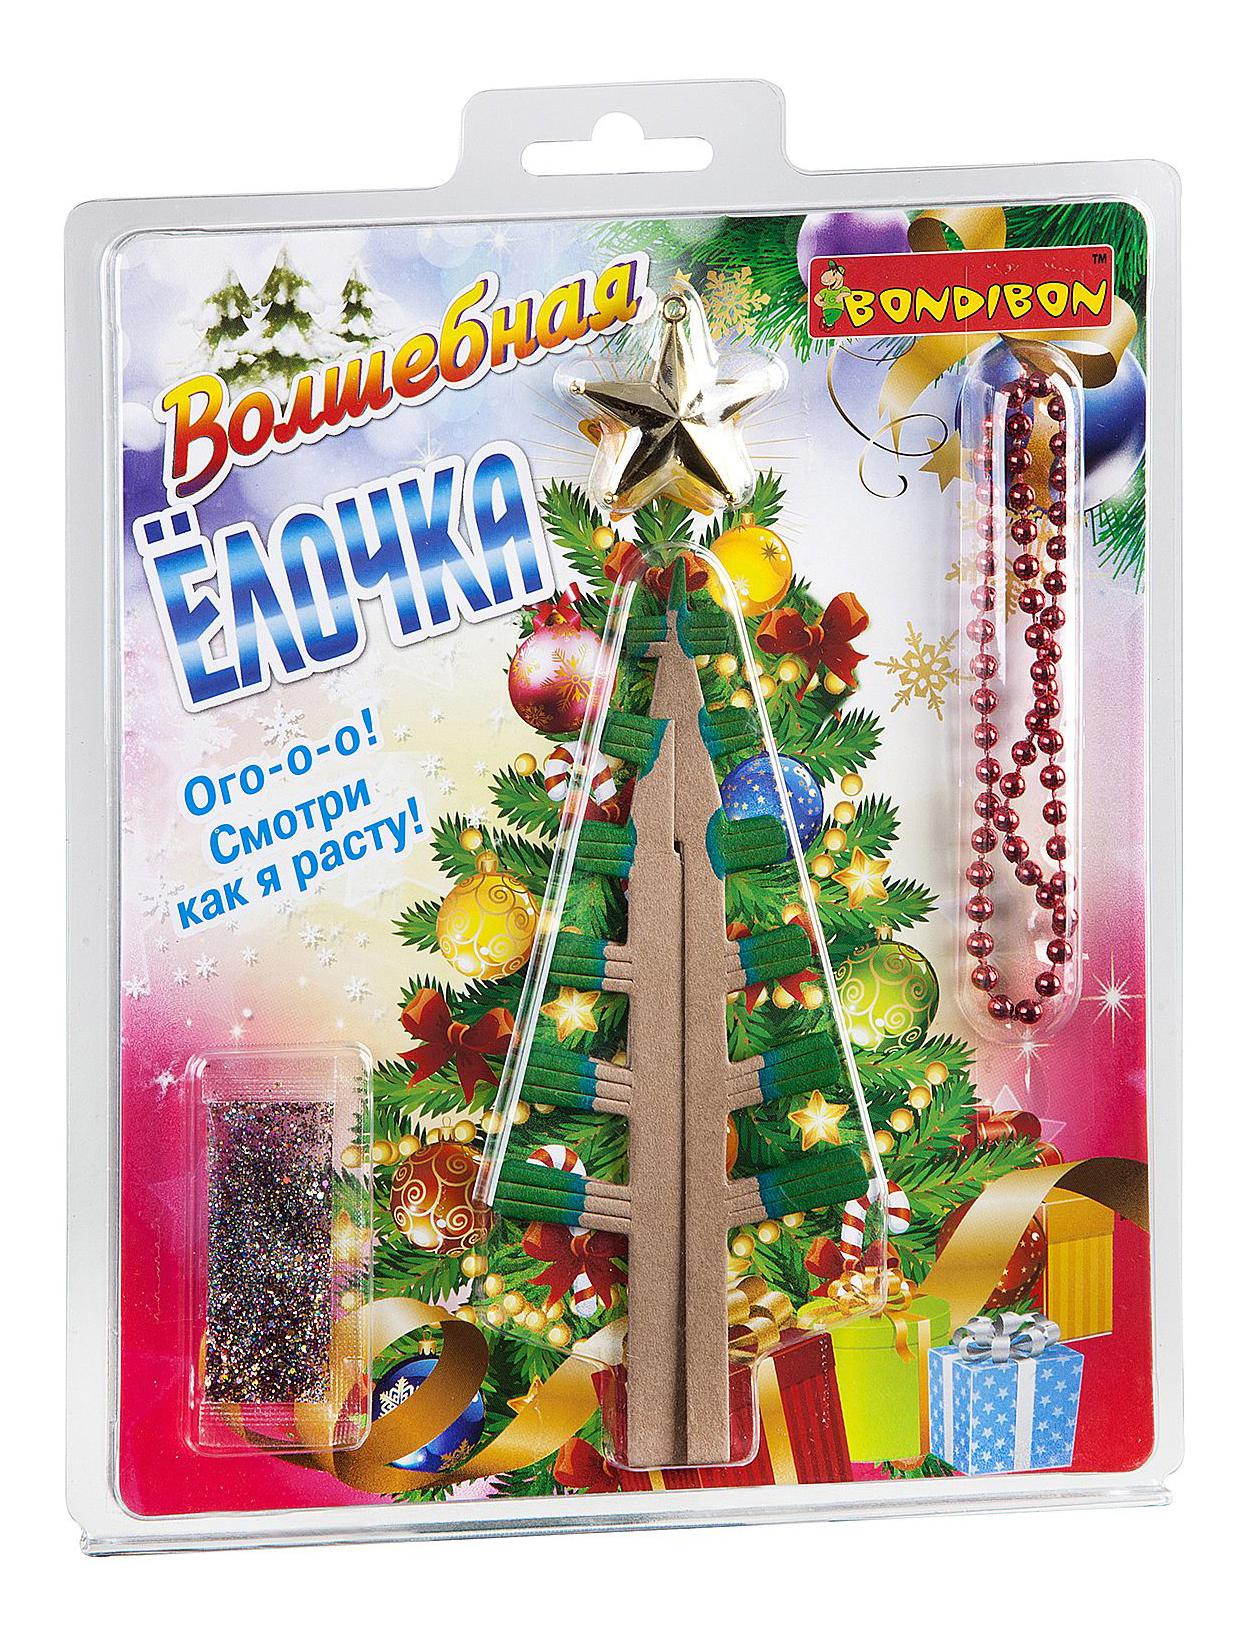 Купить Набор для выращивания кристаллов Bondibon Волшебная Ёлочка, Наборы для выращивания кристаллов